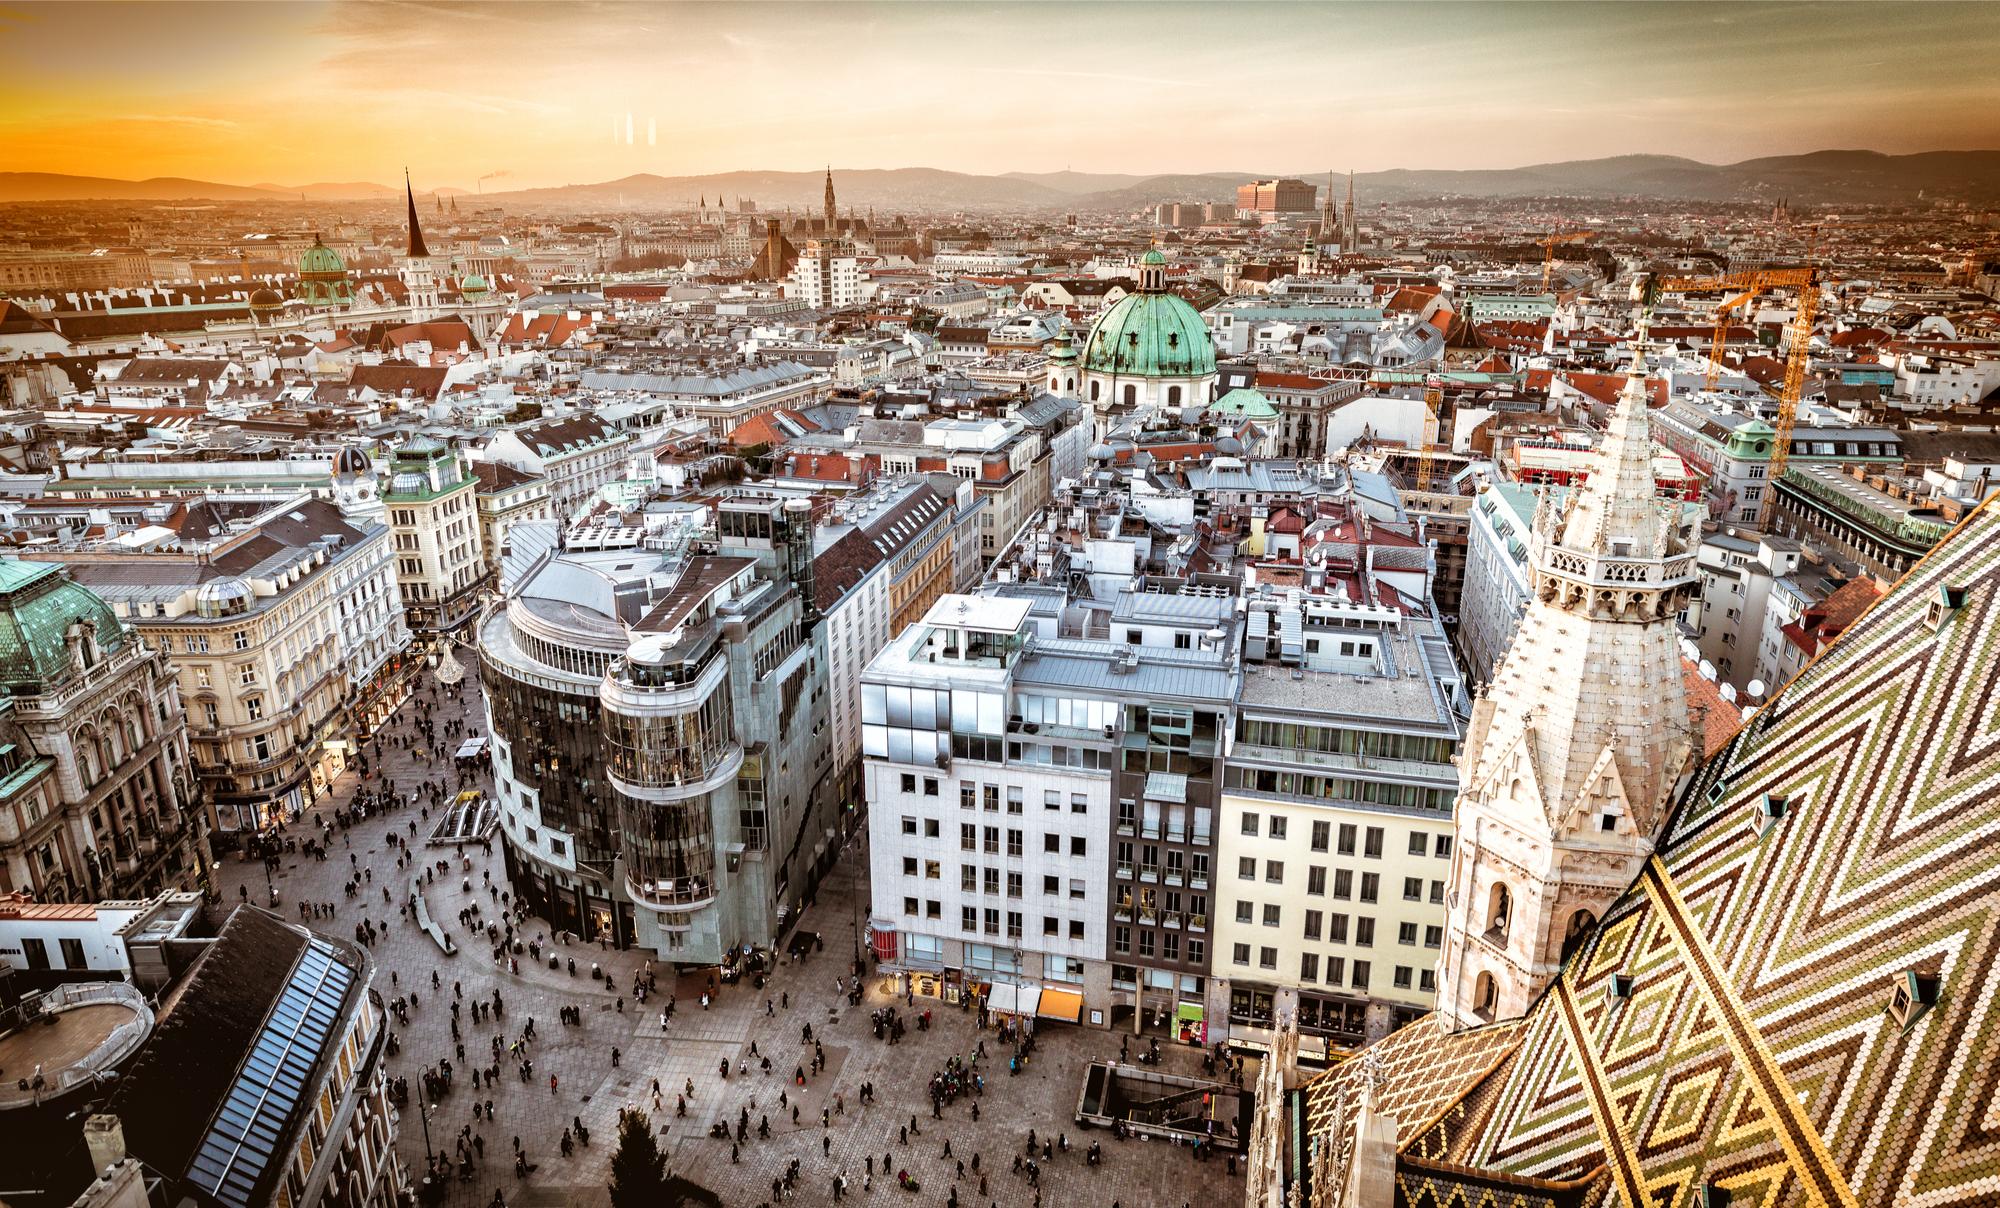 European Association for Osseointegration – EAO Congress